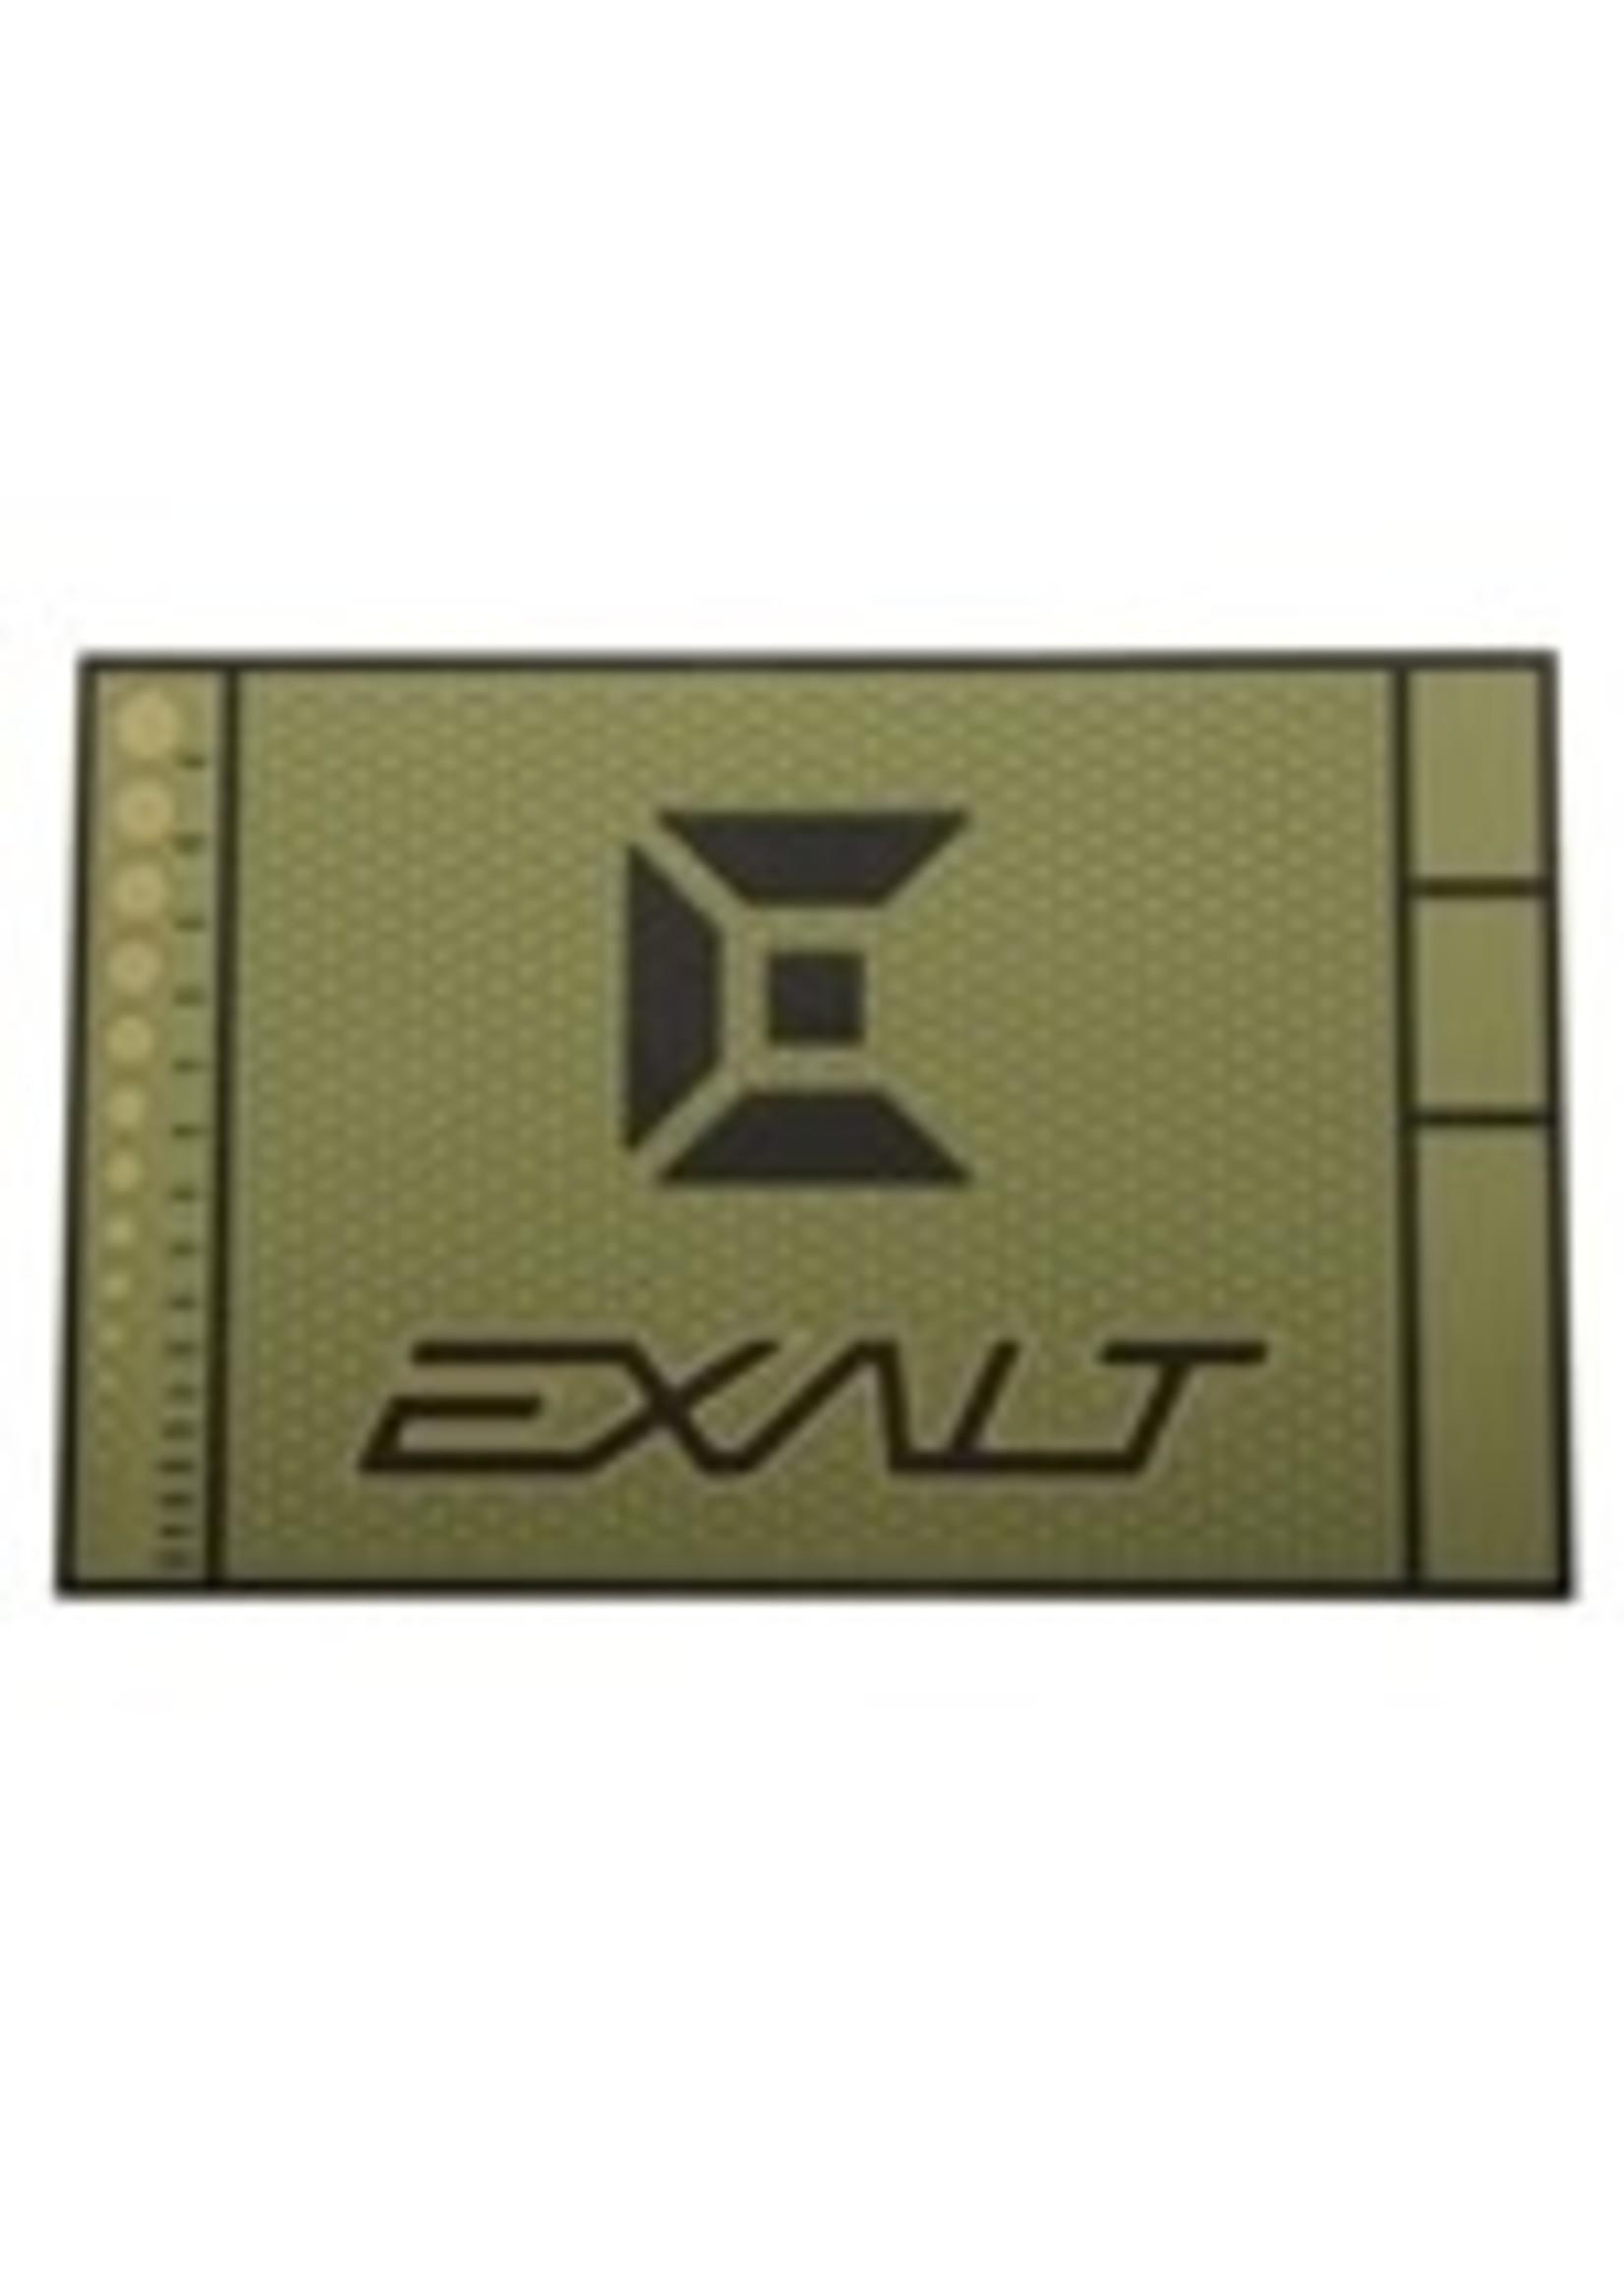 EXALT PAINTBALL EXALT HD TECH MAT